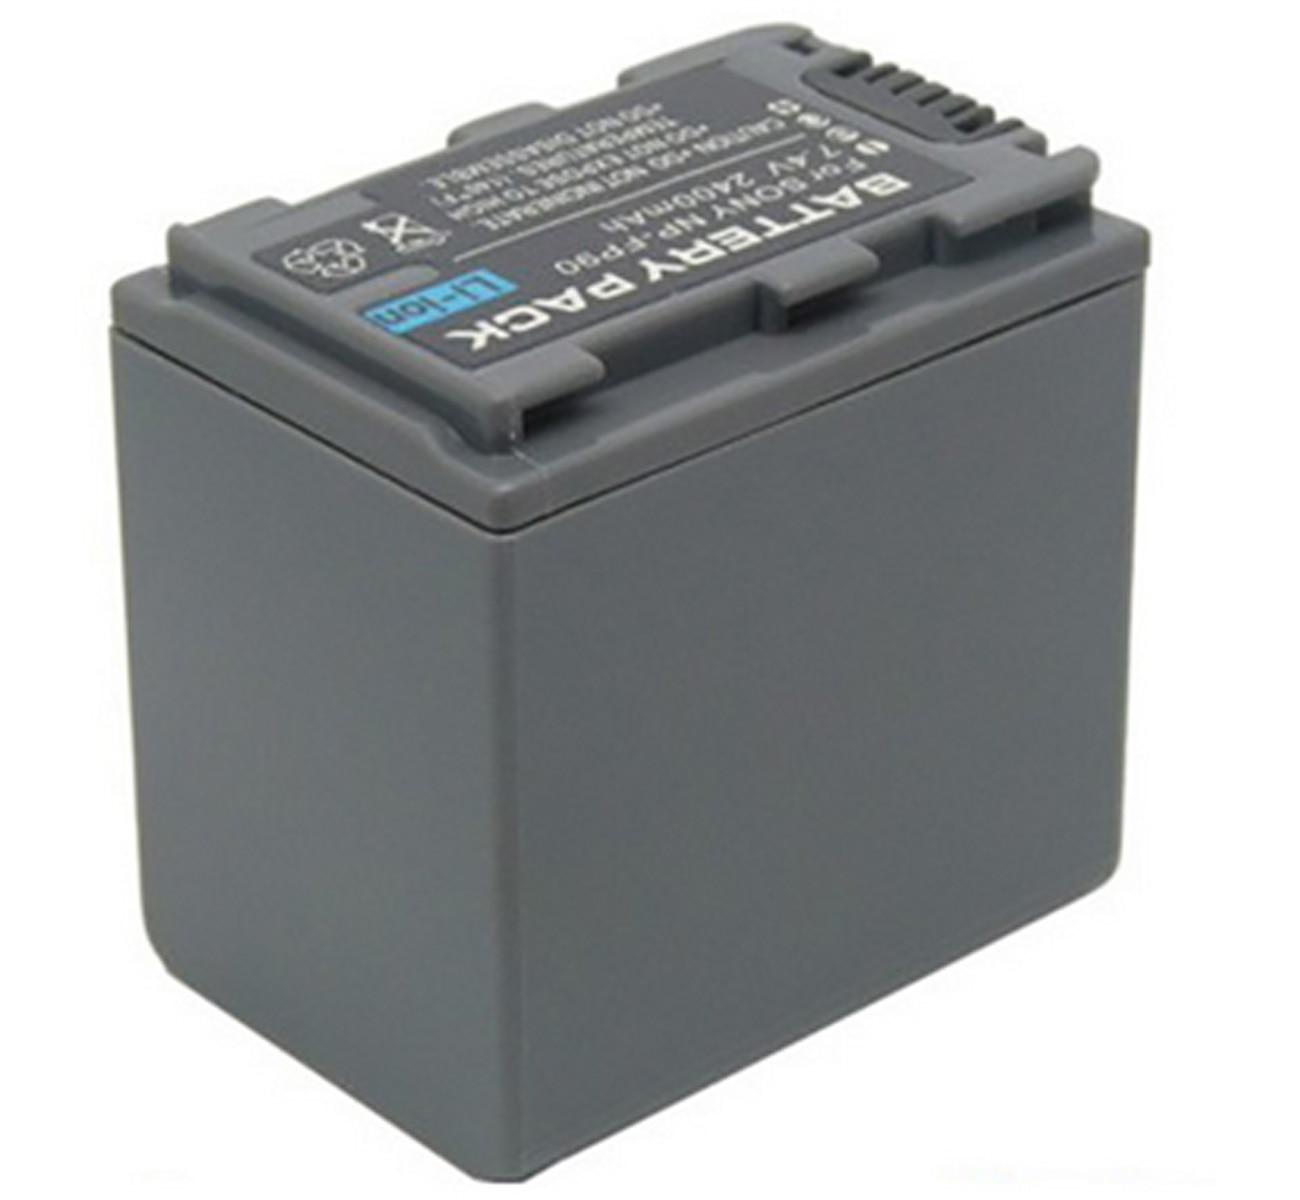 Paquete de baterías para Sony DCR-DVD92E, DCR-DVD92, DCR-DVD103, DCR-DVD203, DCR-DVD403, DCR-DVD703, DCR-DVD803